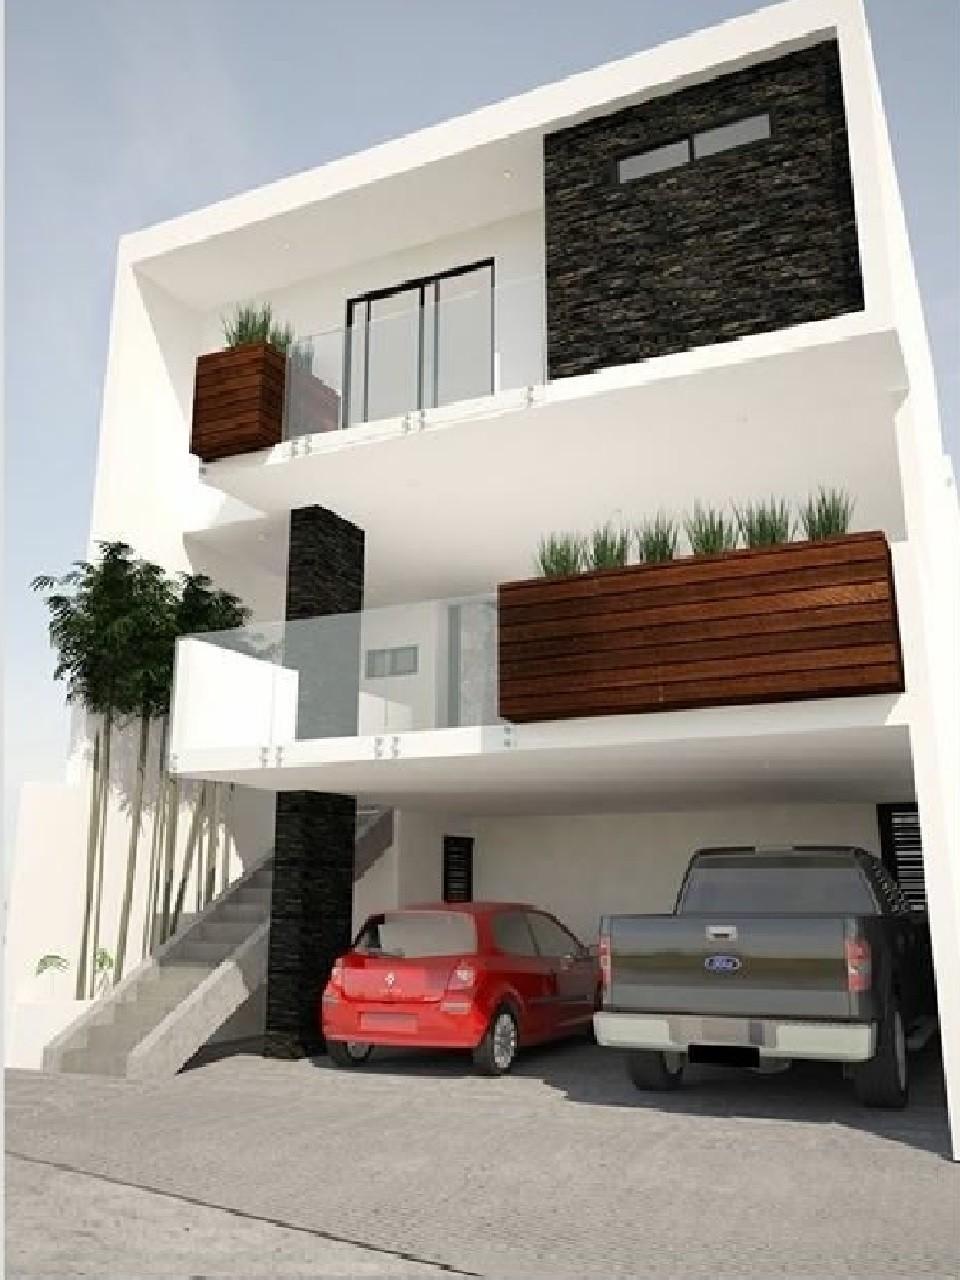 Casa en venta en cumbres elite monterrey 25753 hab tala for Casas en cumbres monterrey